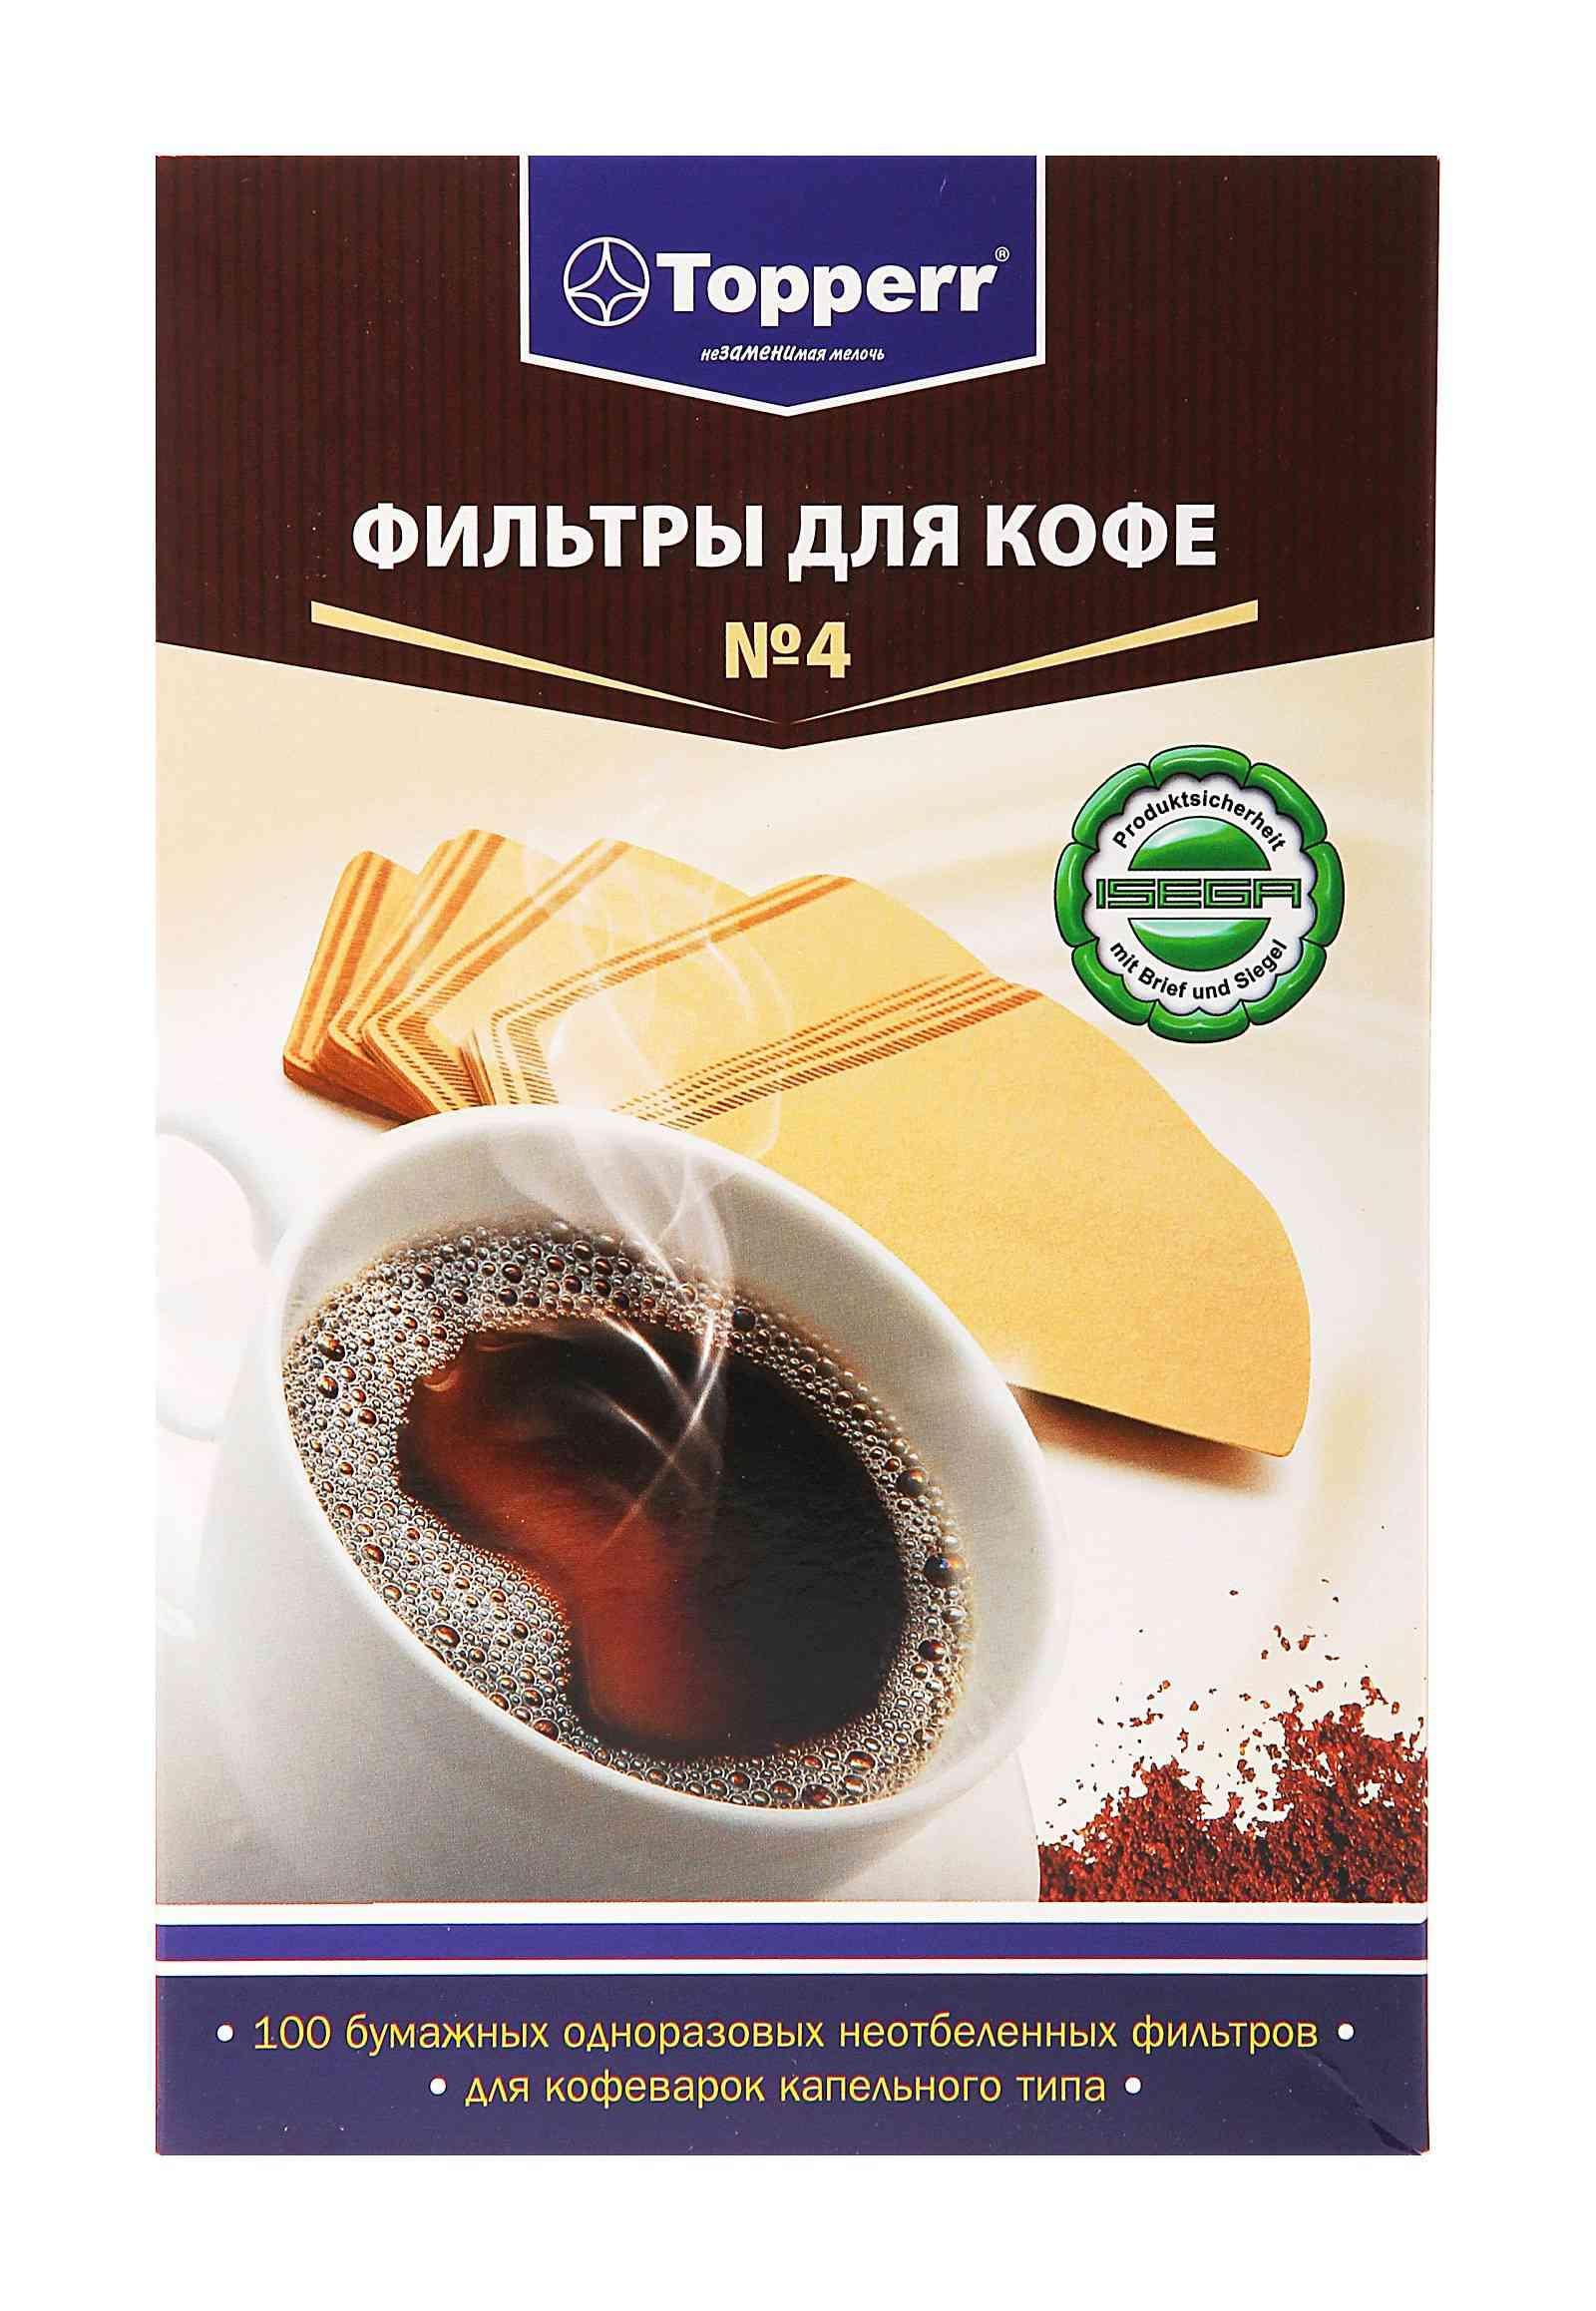 Фильтры для кофеварок Topperr №4 бумажный отбеленный, 100шт